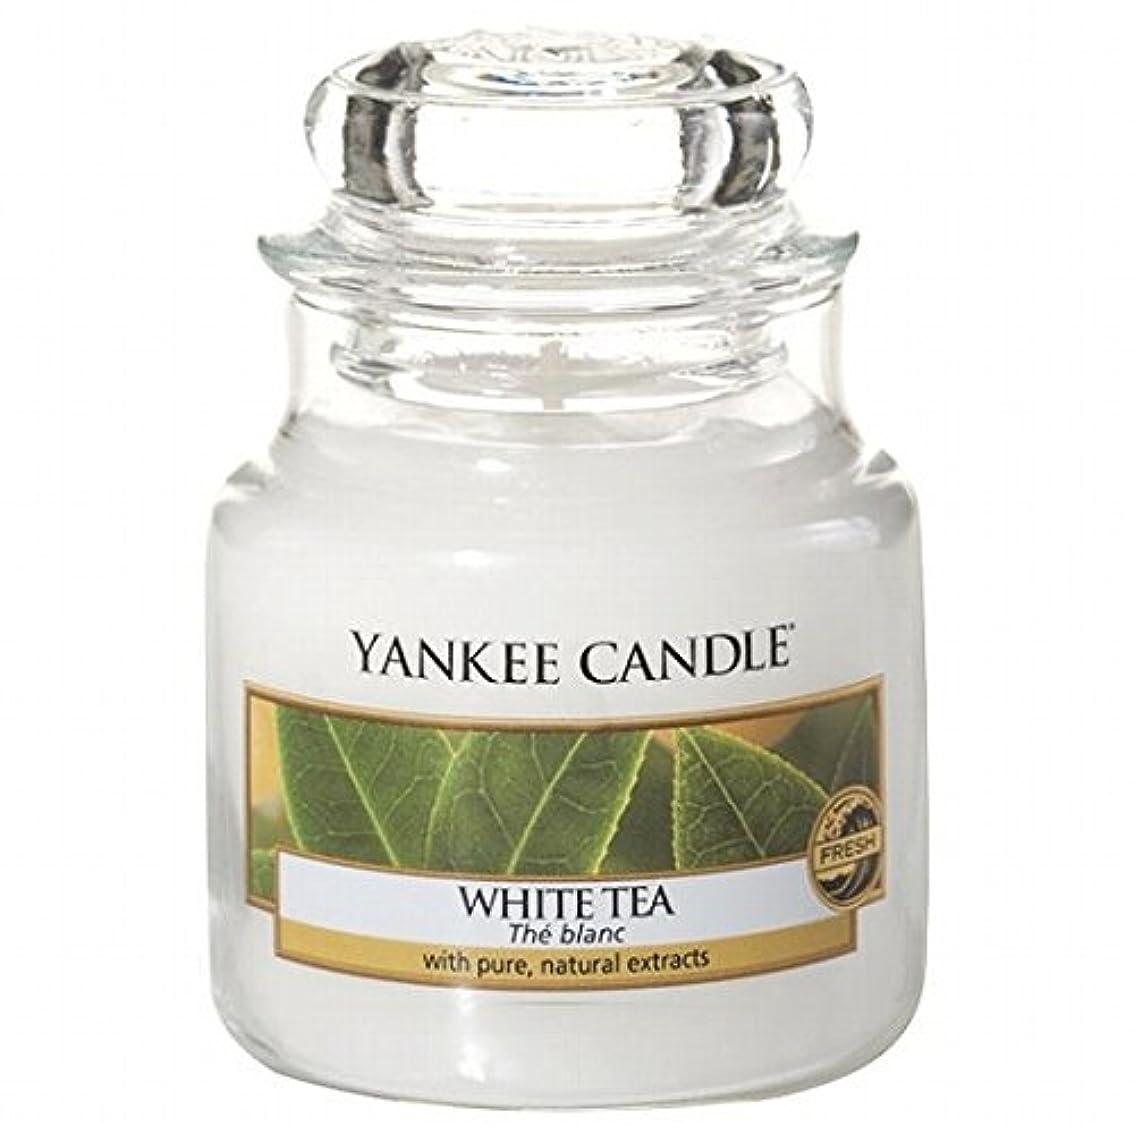 私たちの読書麺YANKEE CANDLE(ヤンキーキャンドル) YANKEE CANDLE ジャーS 「ホワイトティー」(K00305277)